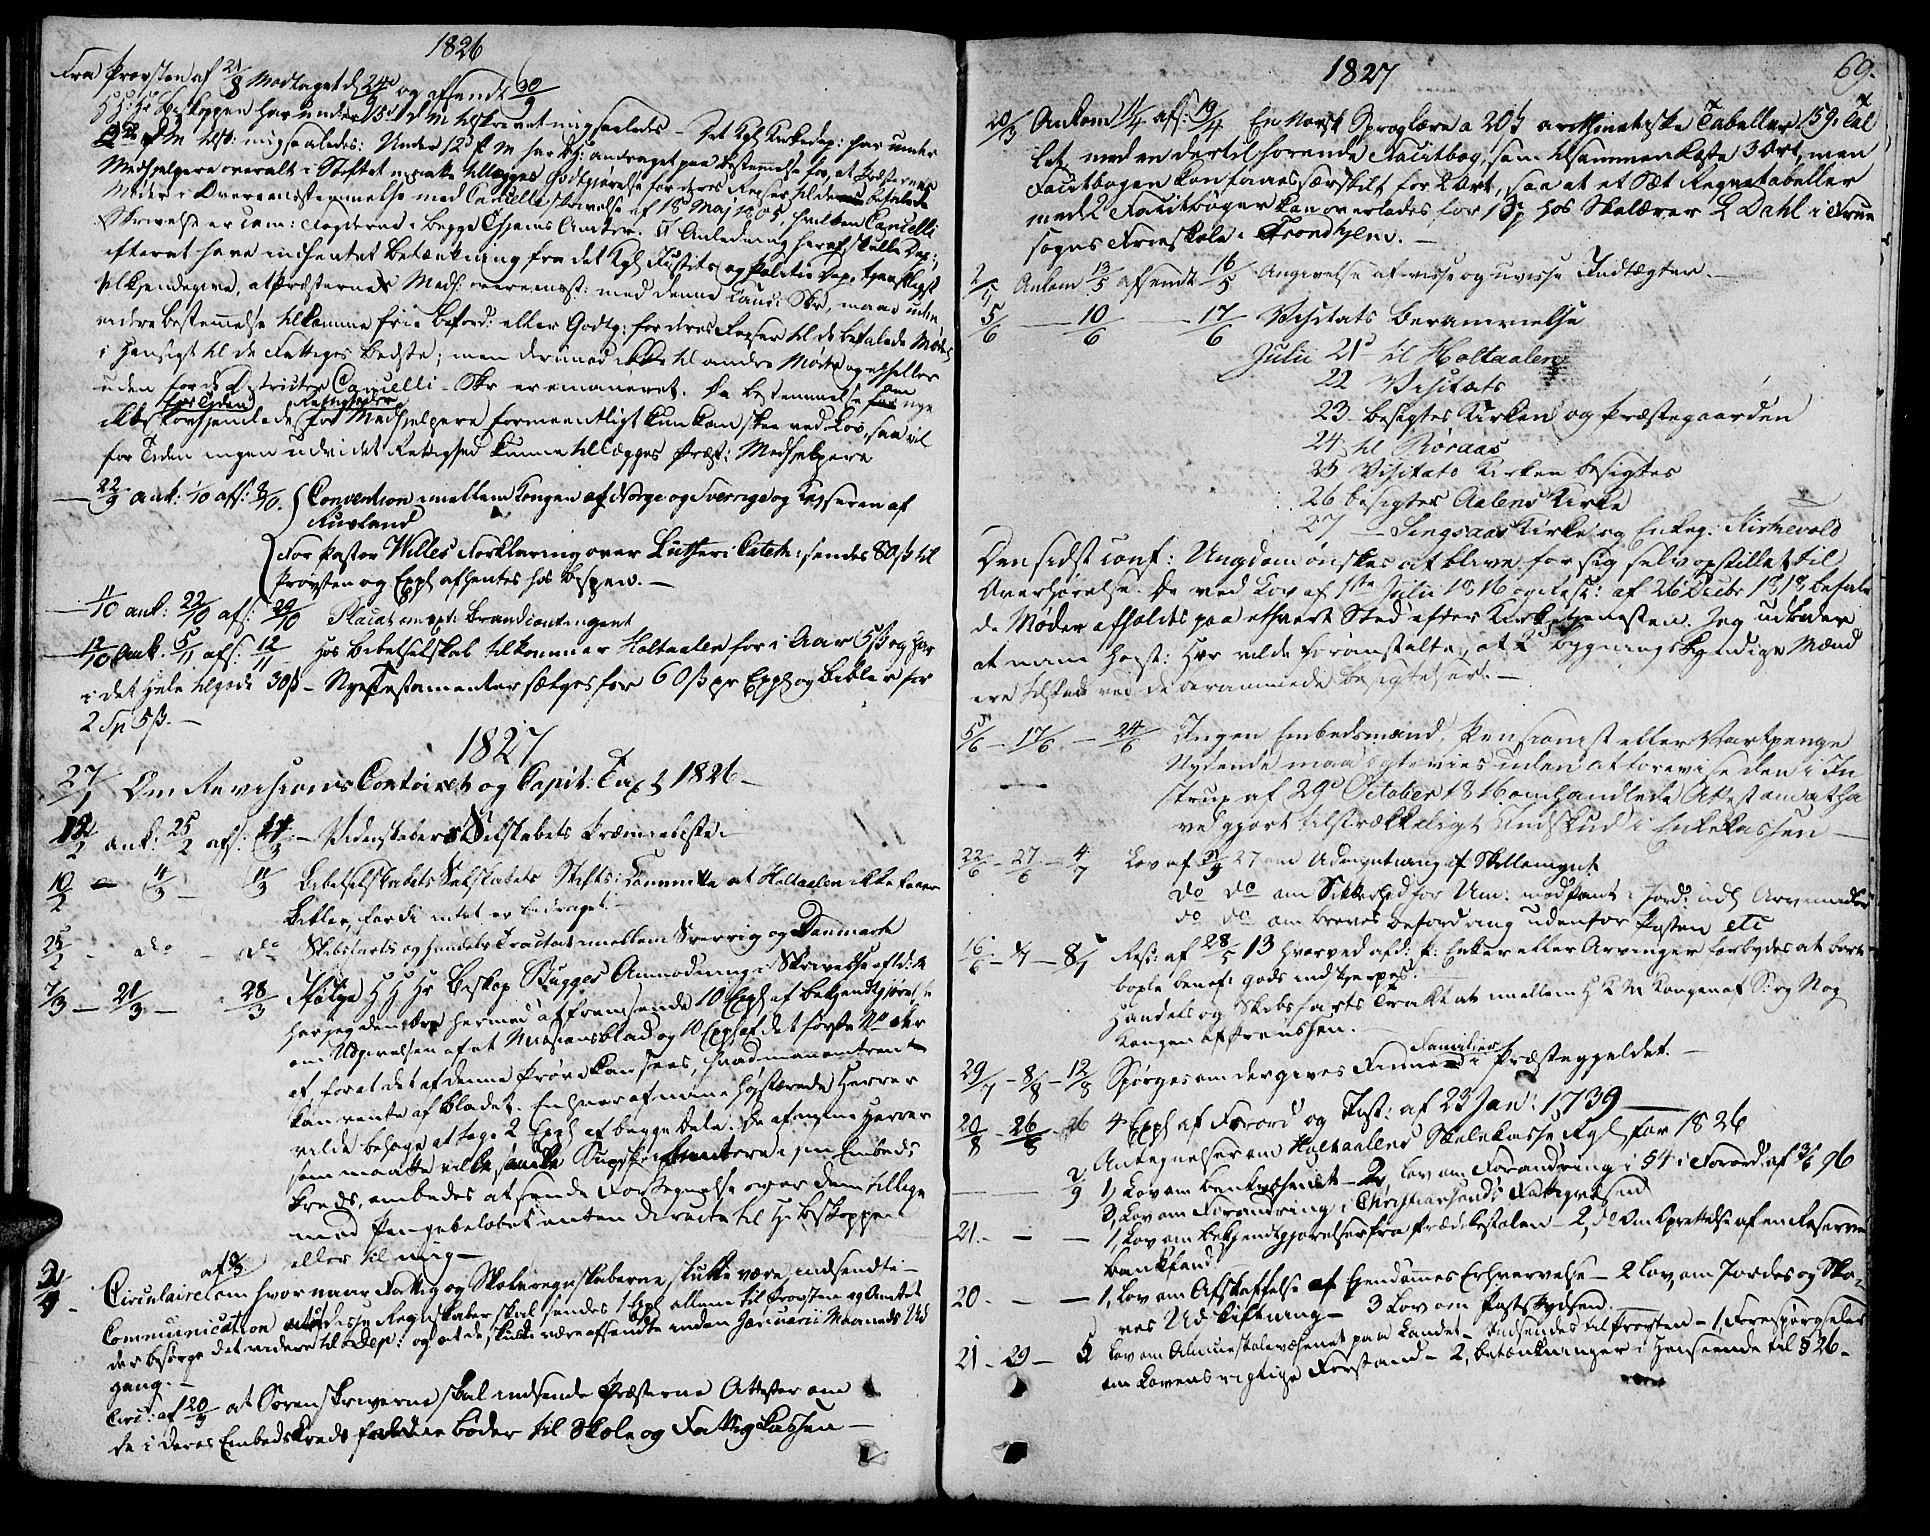 SAT, Ministerialprotokoller, klokkerbøker og fødselsregistre - Sør-Trøndelag, 685/L0953: Ministerialbok nr. 685A02, 1805-1816, s. 69